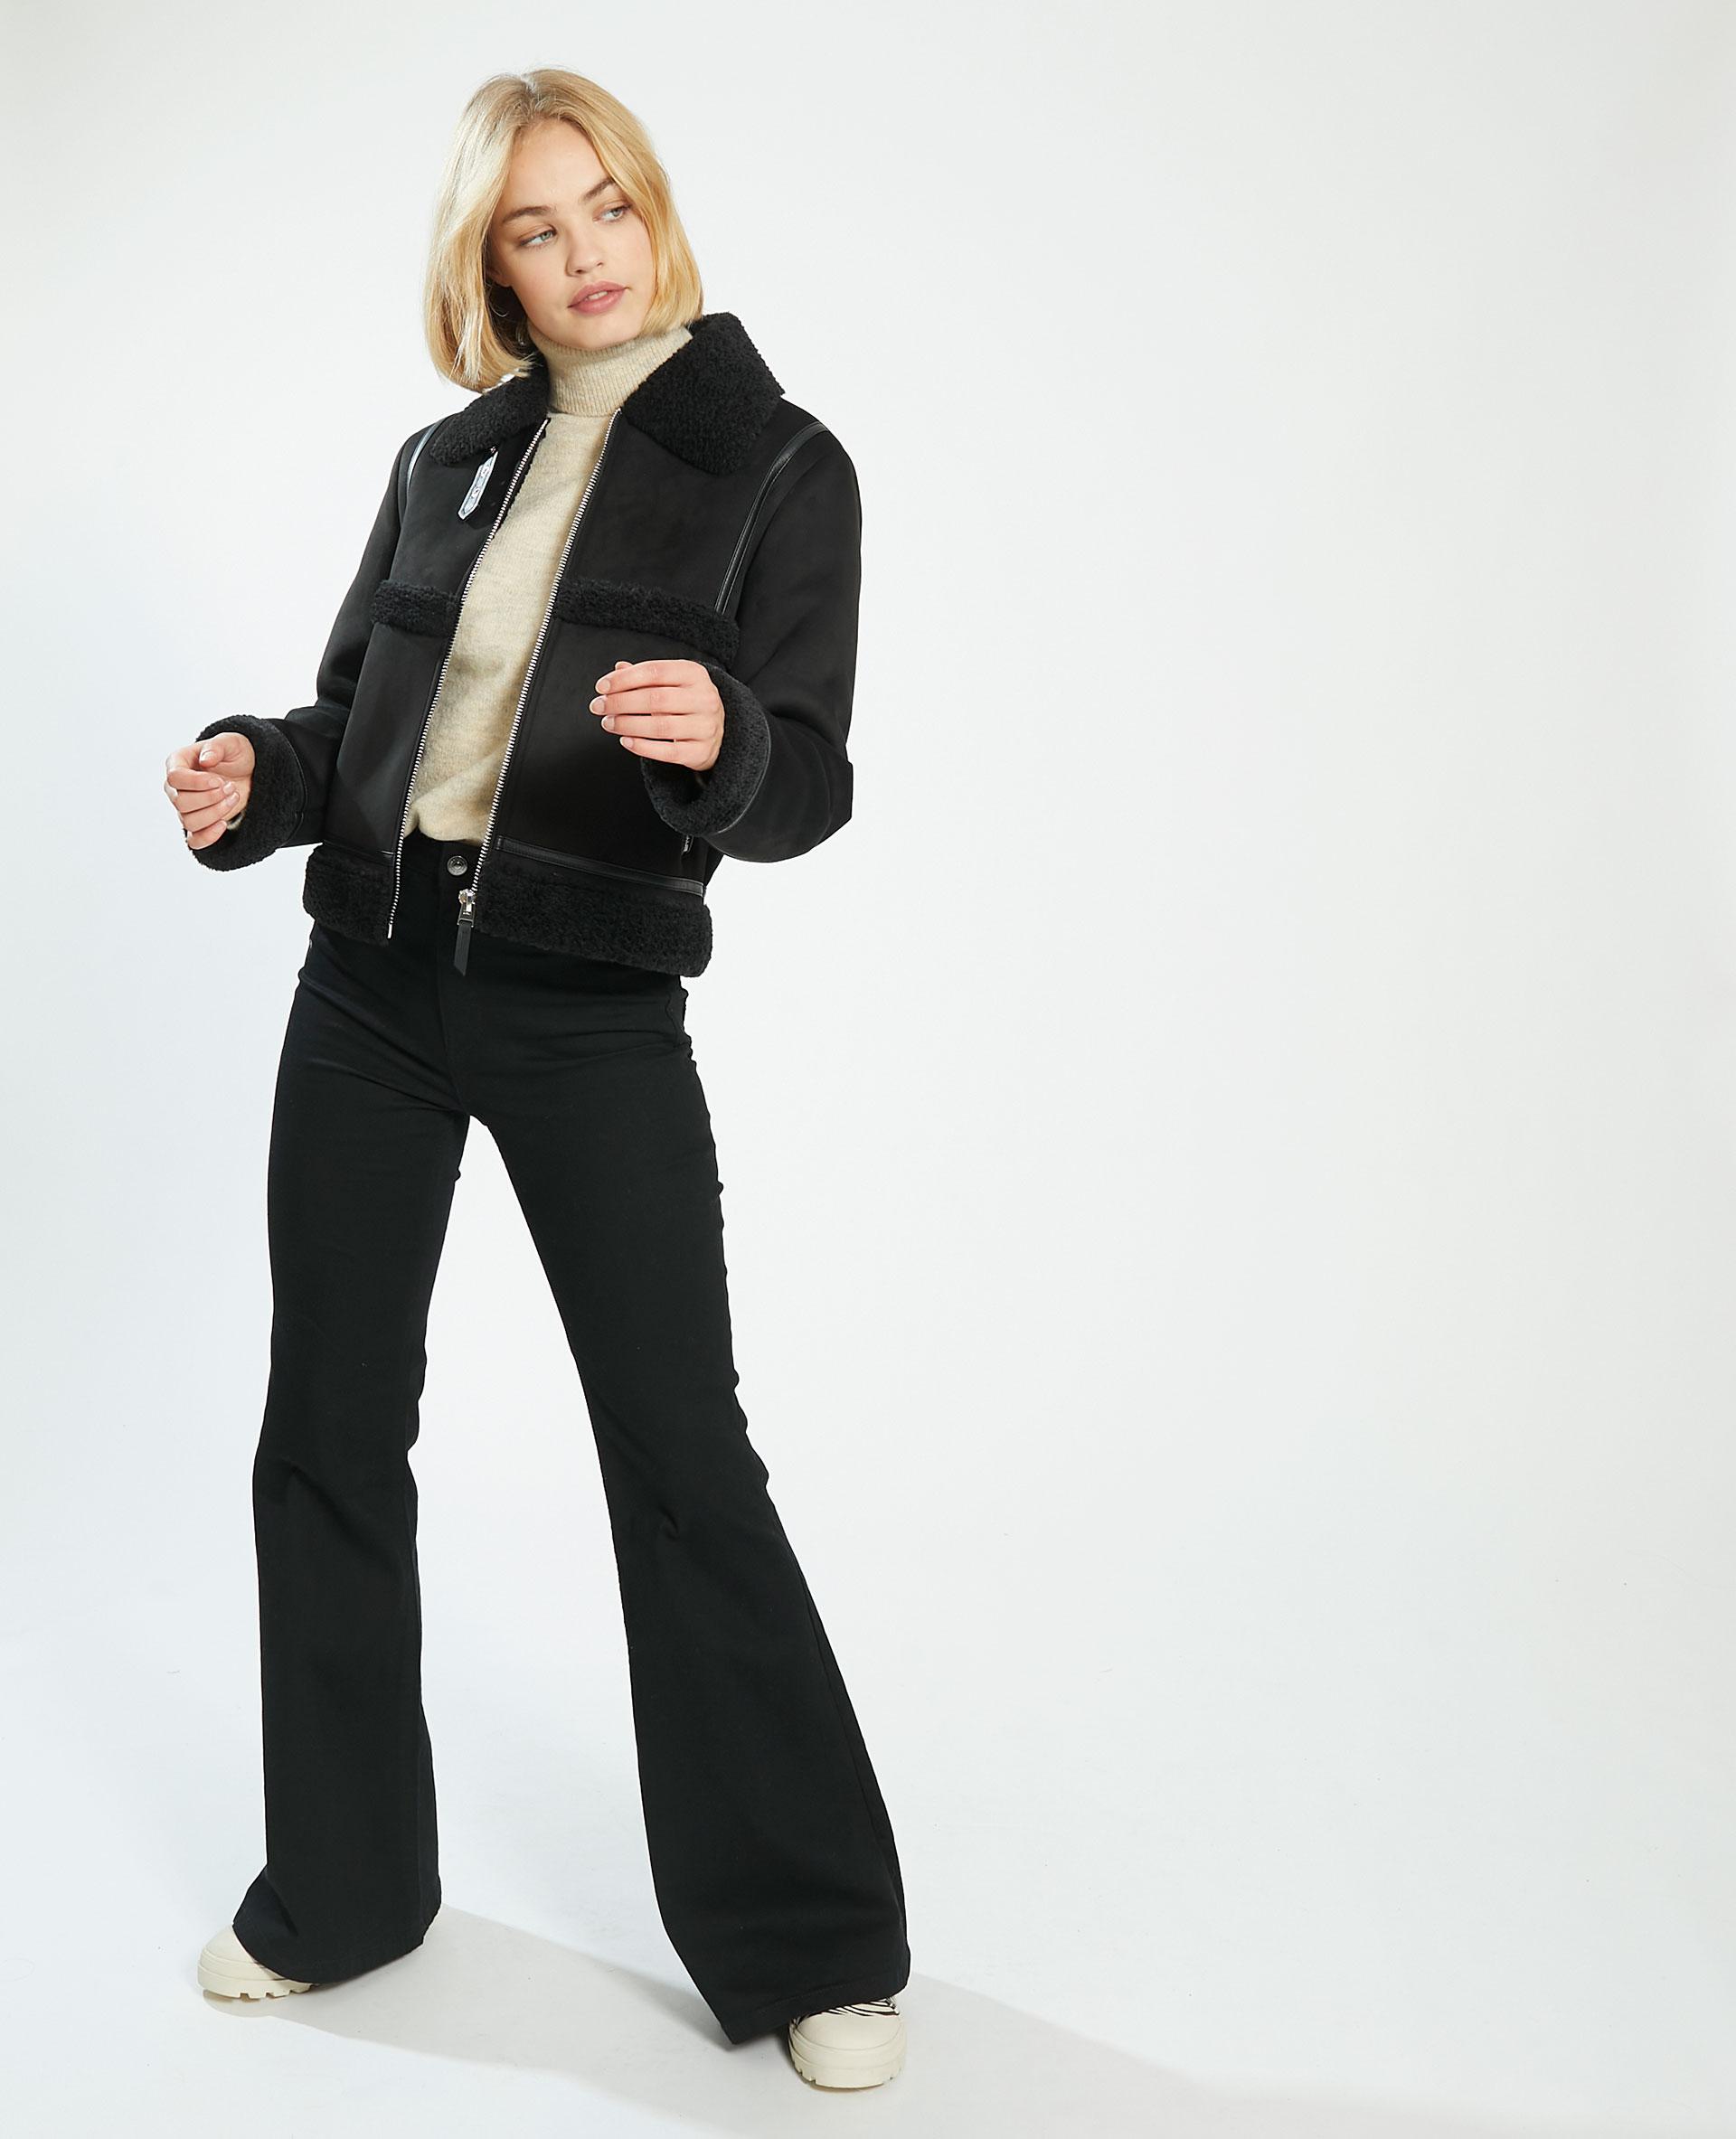 Manteau court en simili cuir et fausse fourrure noir - Pimkie